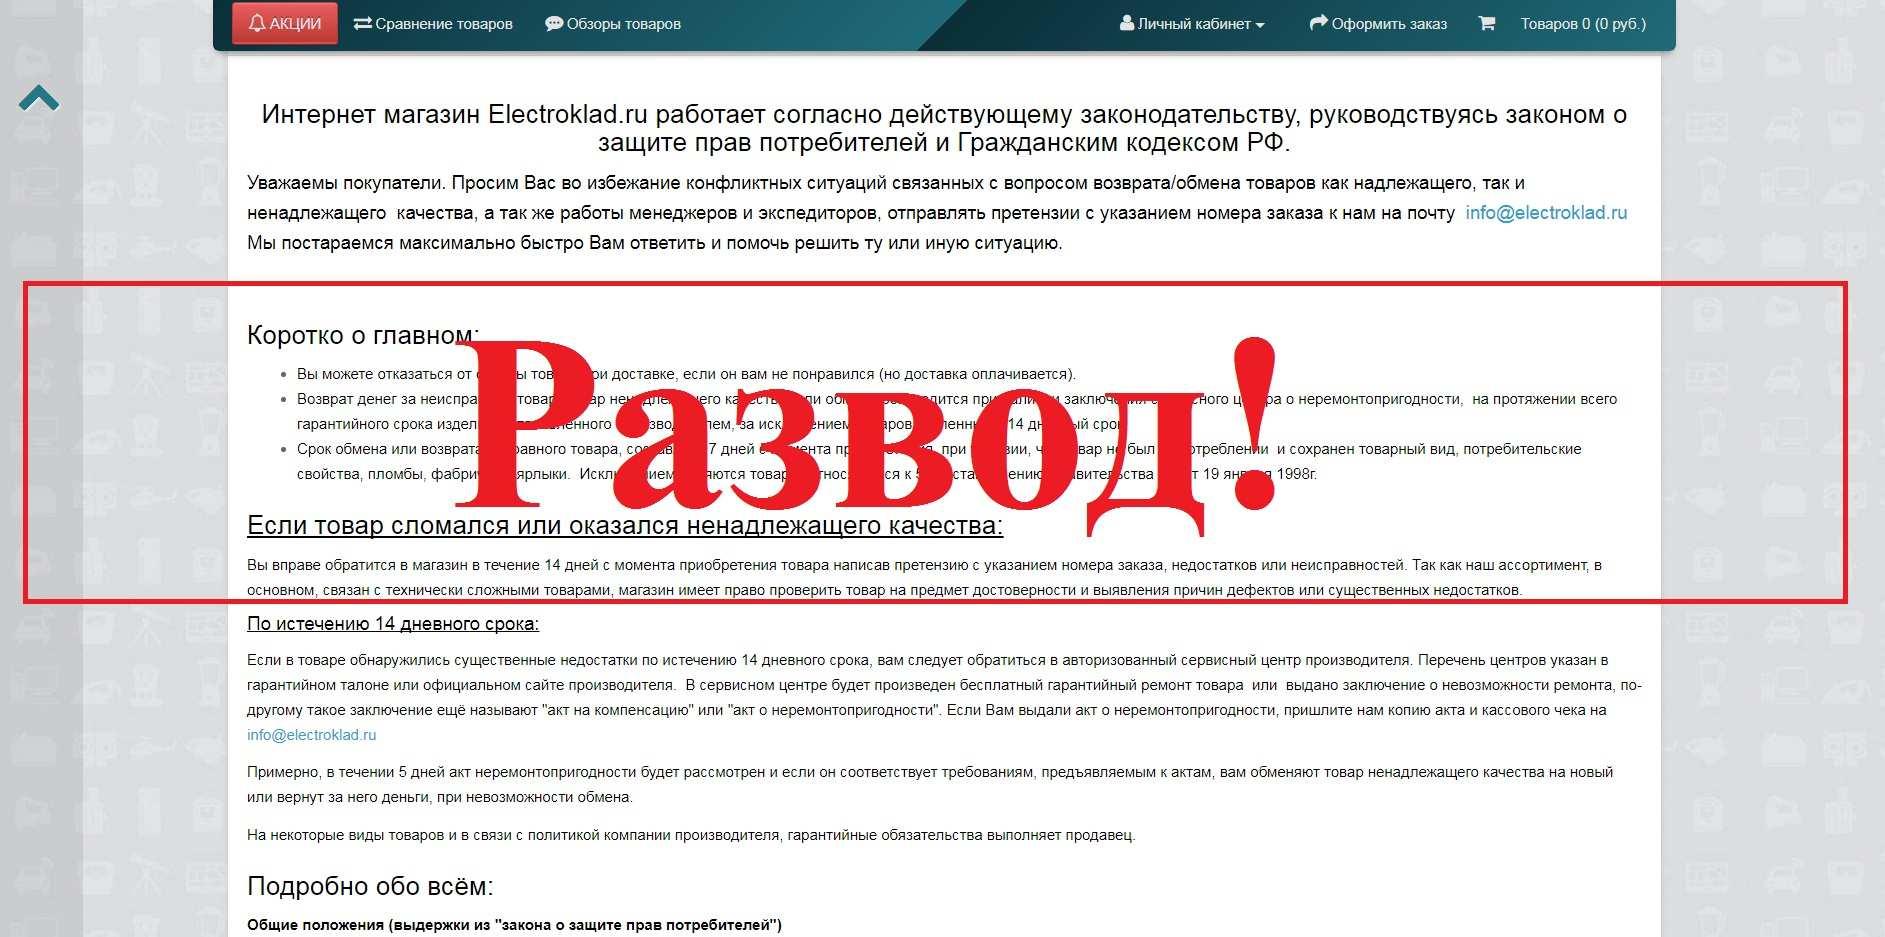 Электроклад – отзывы о магазине electroklad.ru